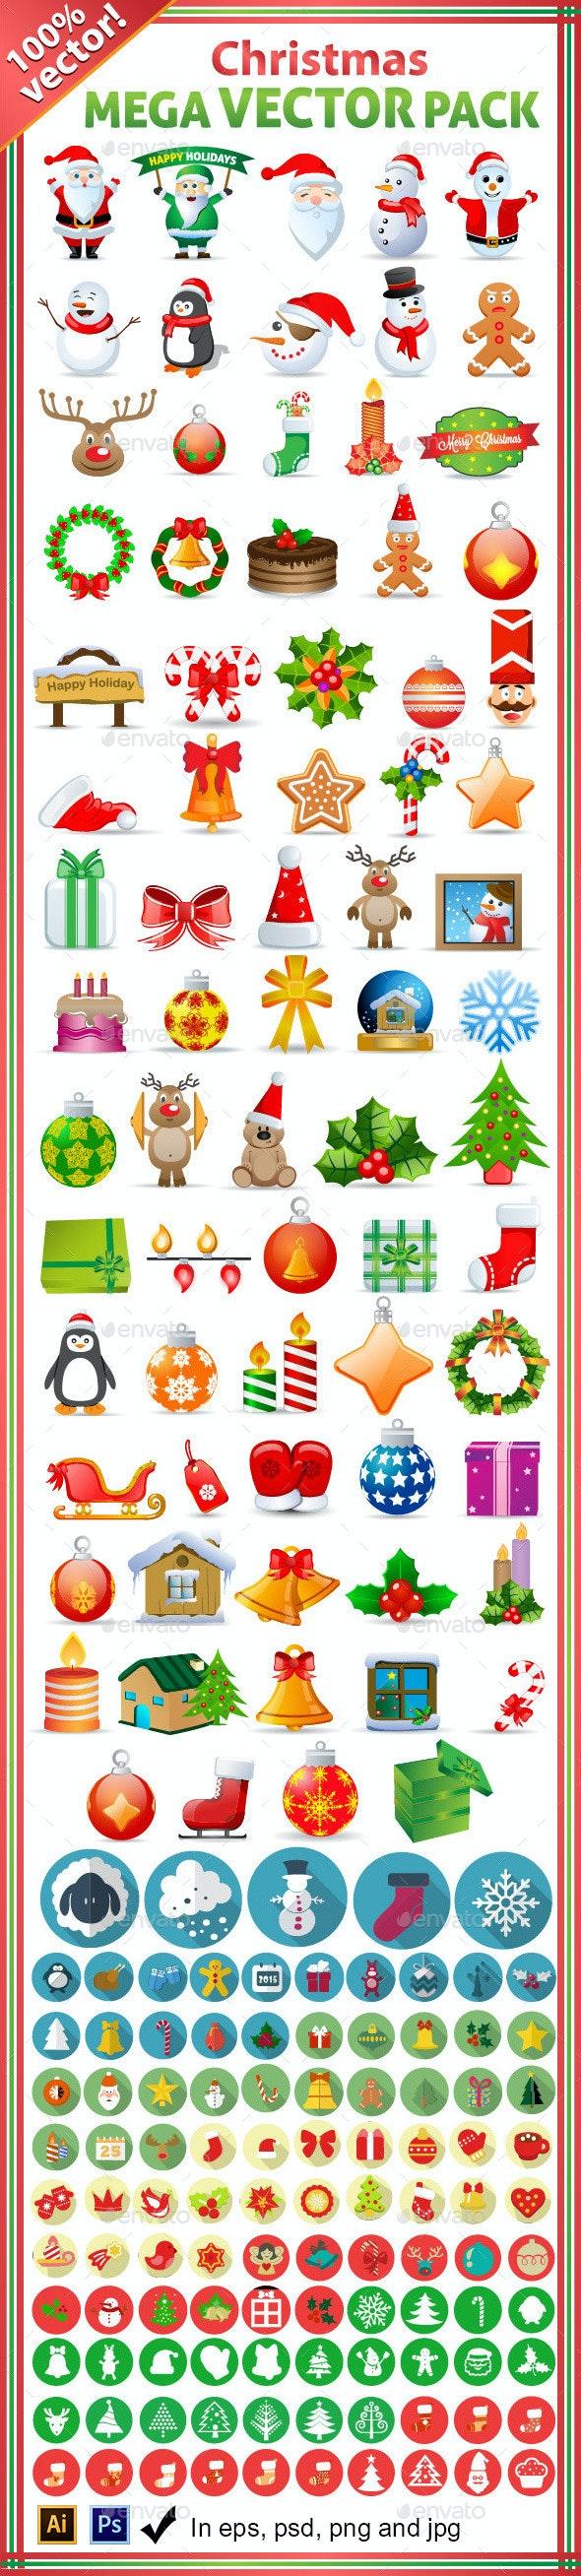 Christmas Mega Stock Vector Graphics Pack - Christmas Seasons/Holidays